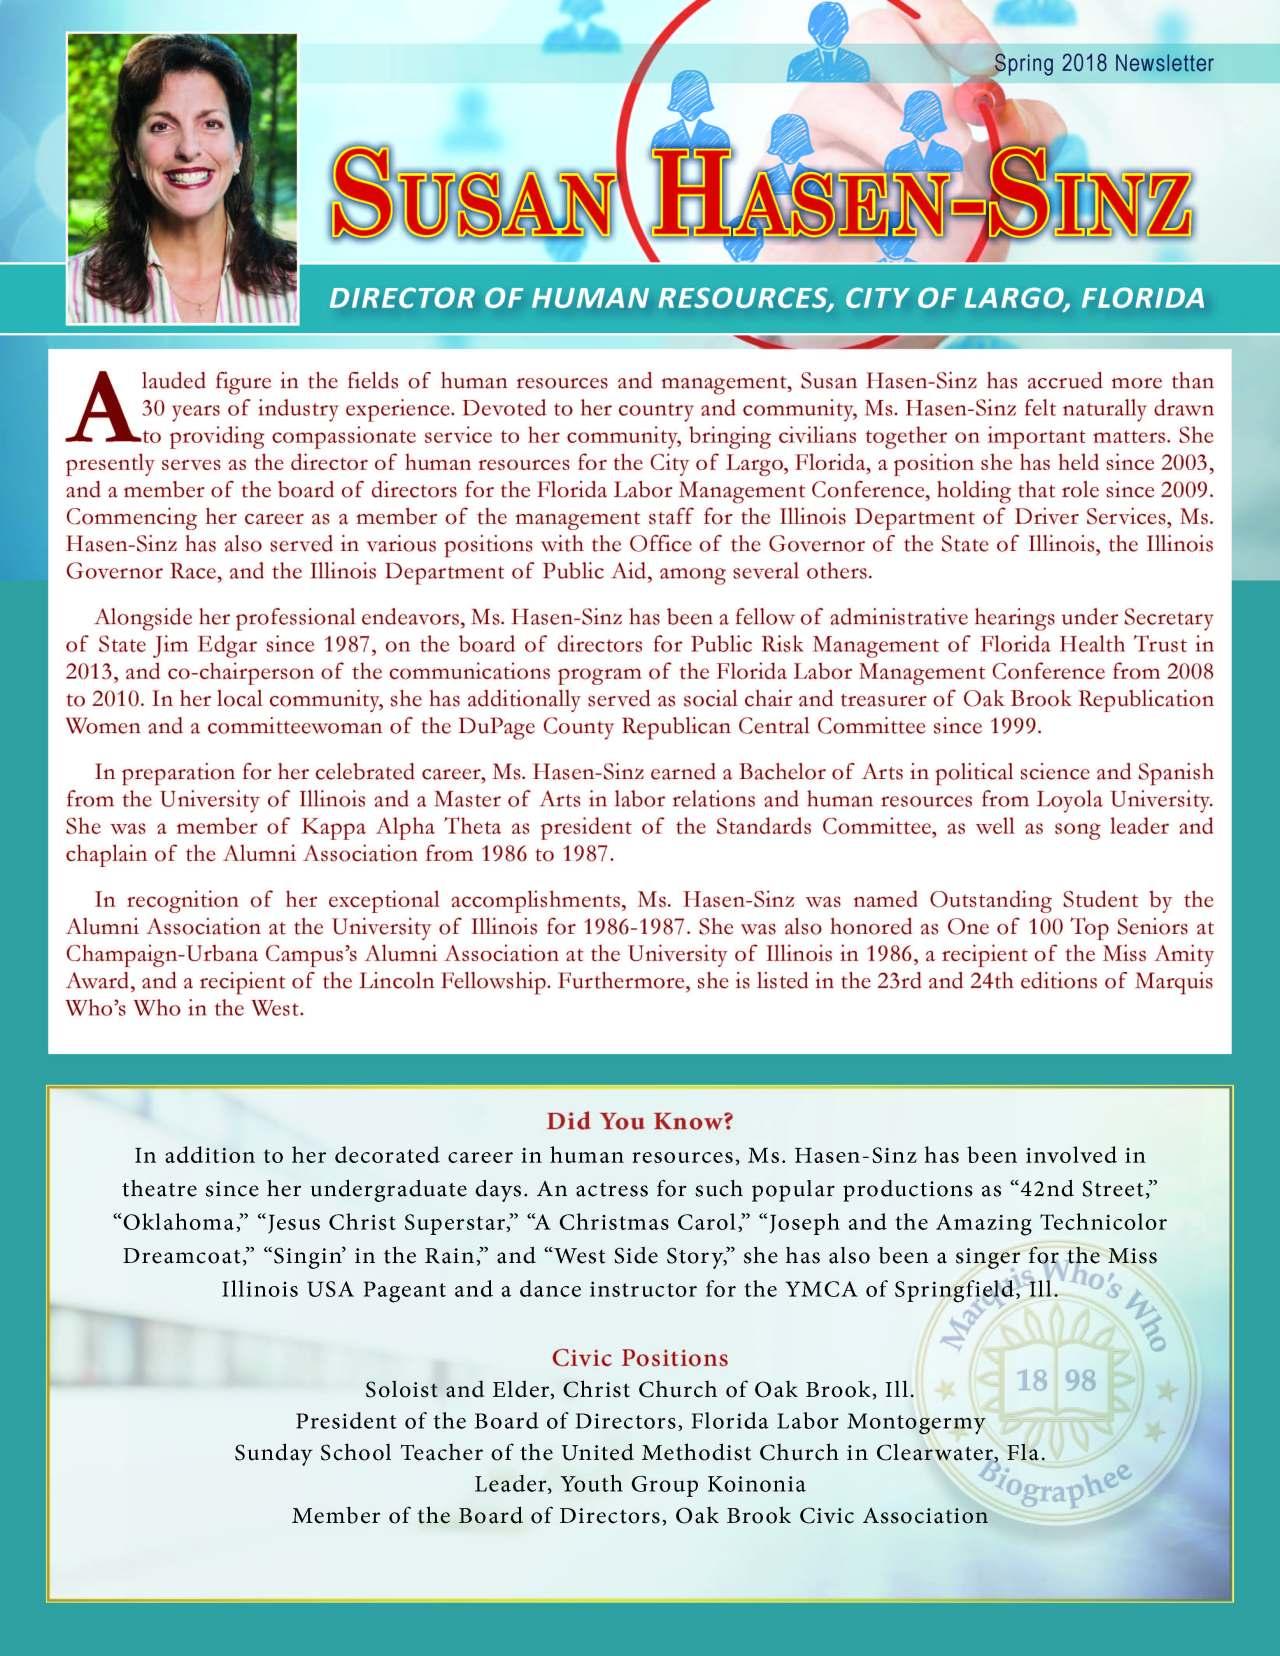 Hasen-Sinz, Susan 3716312_20025228 Newsletter.jpg